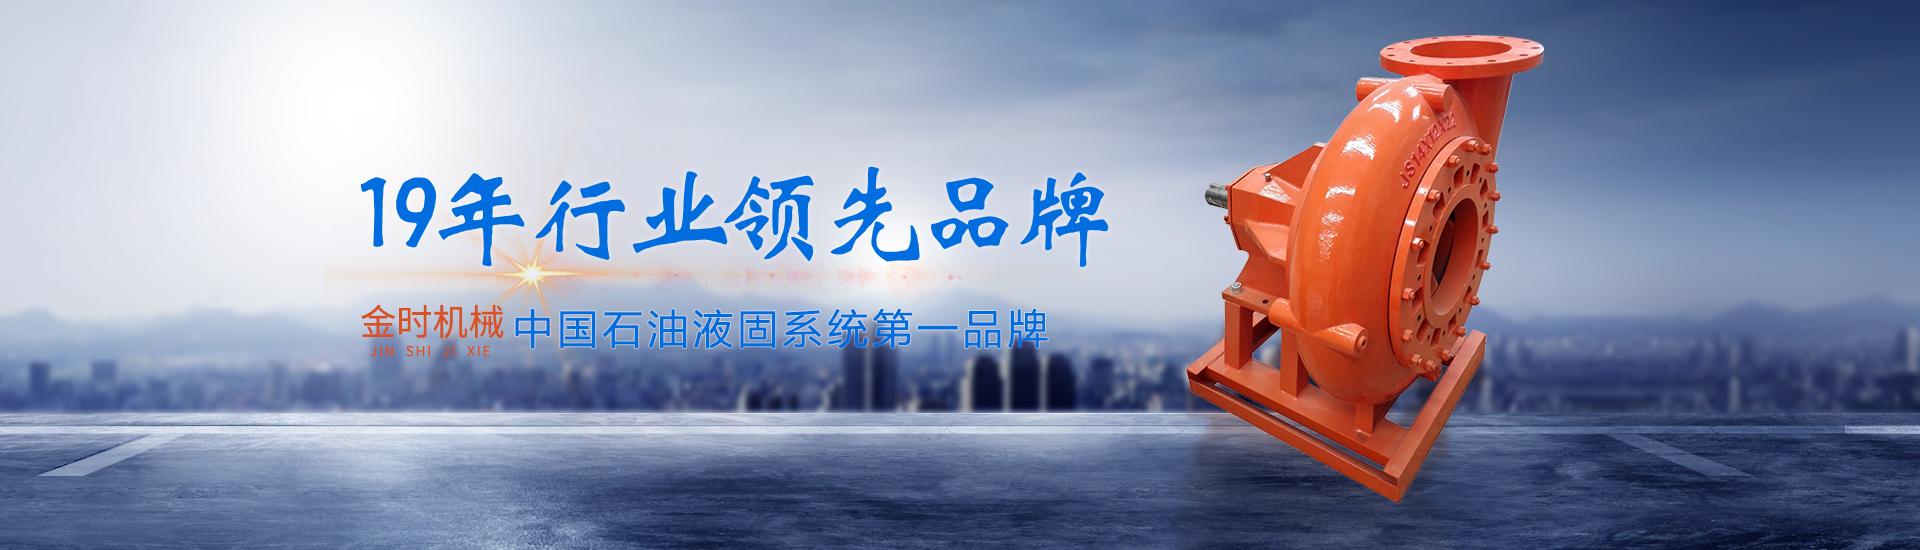 中文焦点图1